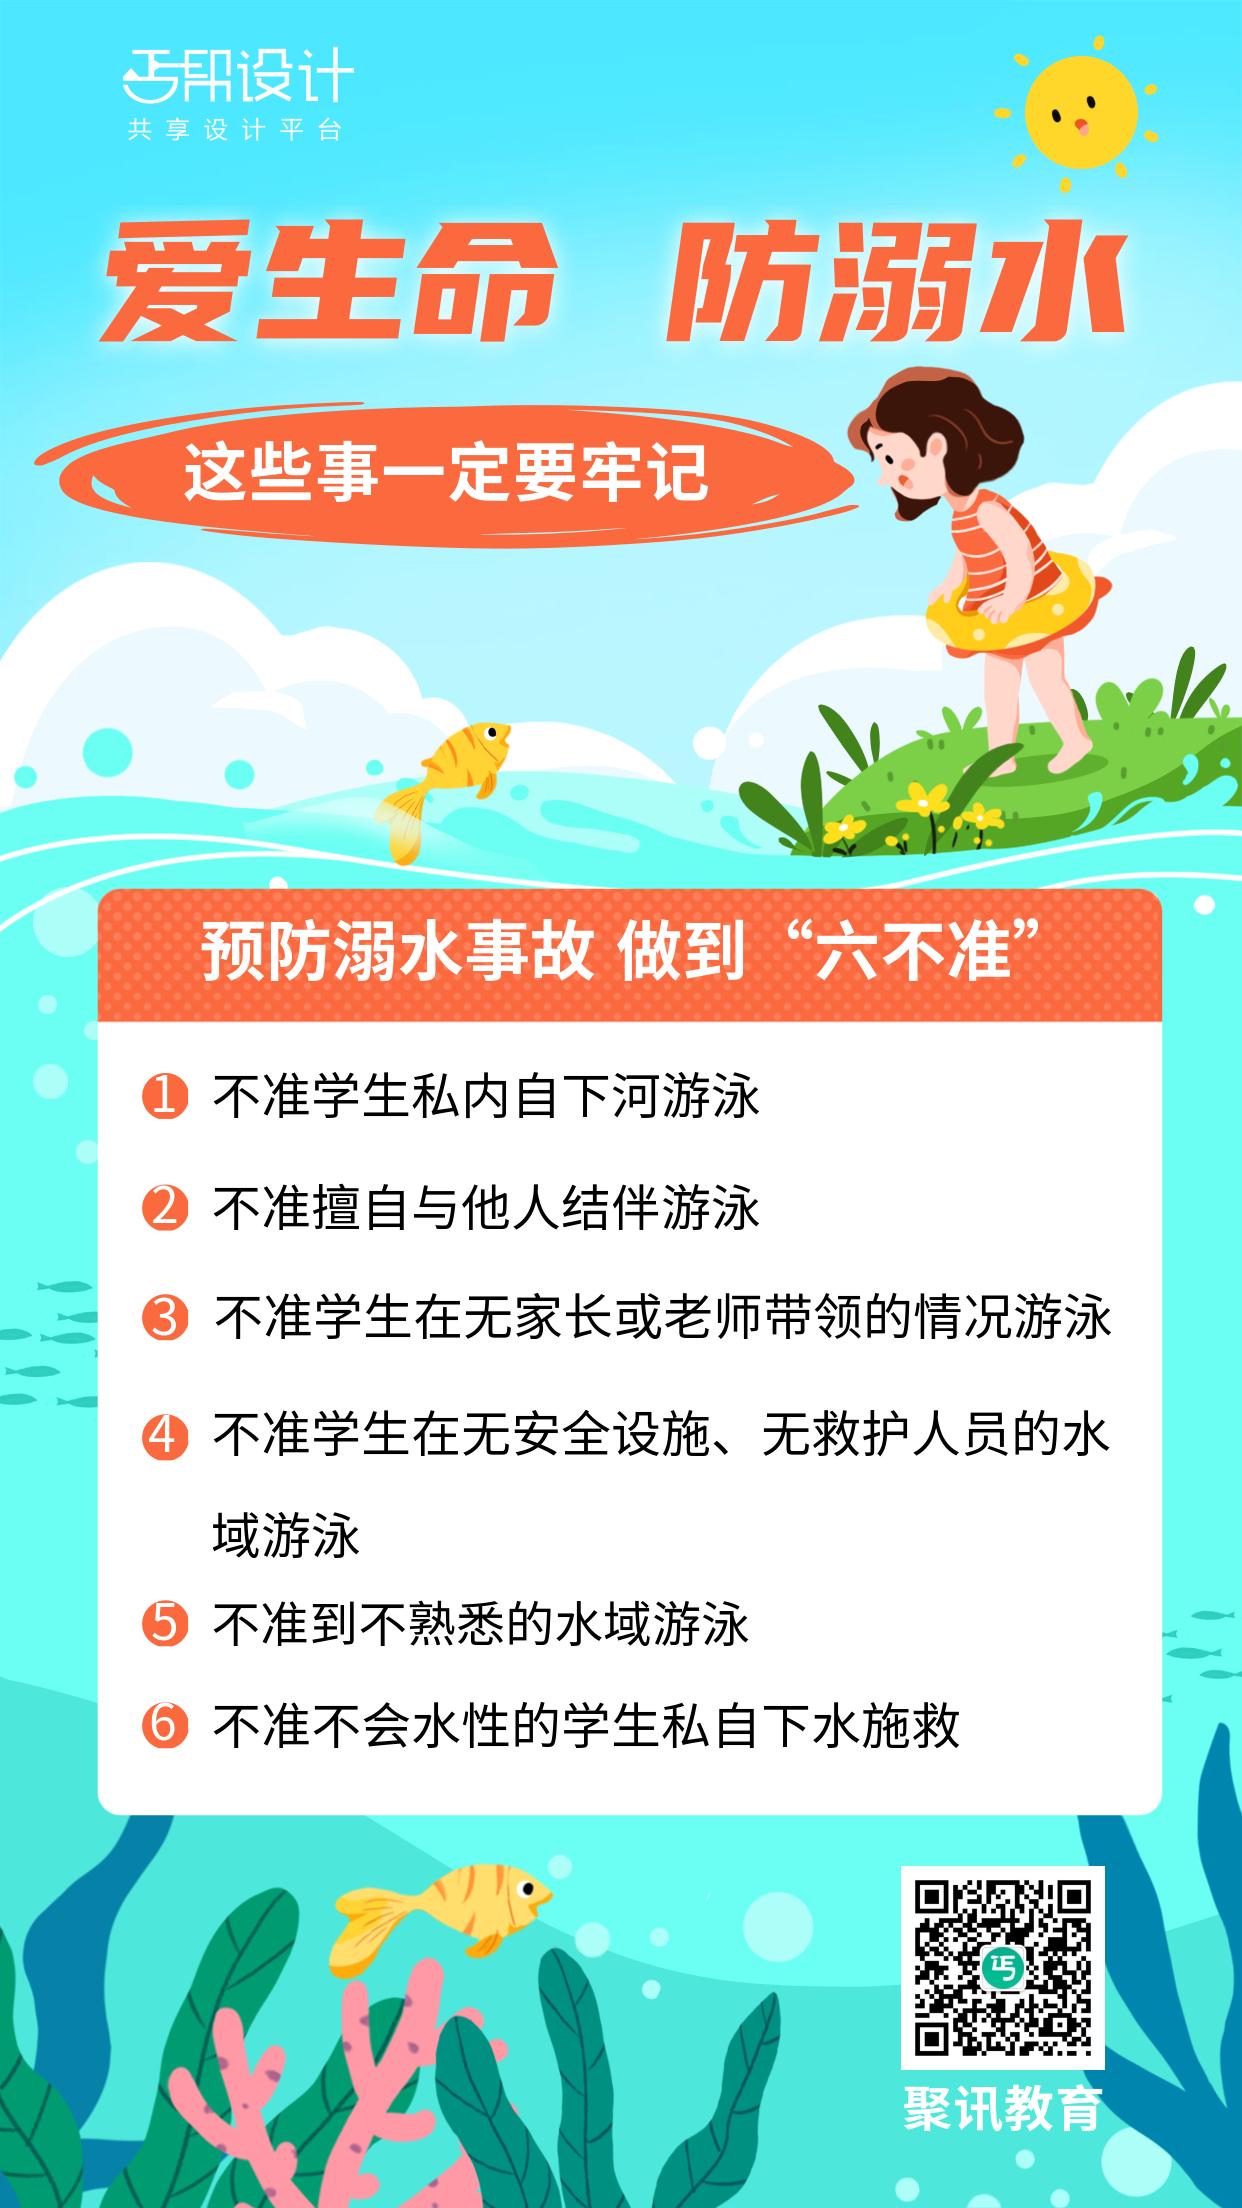 暑假安全教育知识防溺水宣传海报